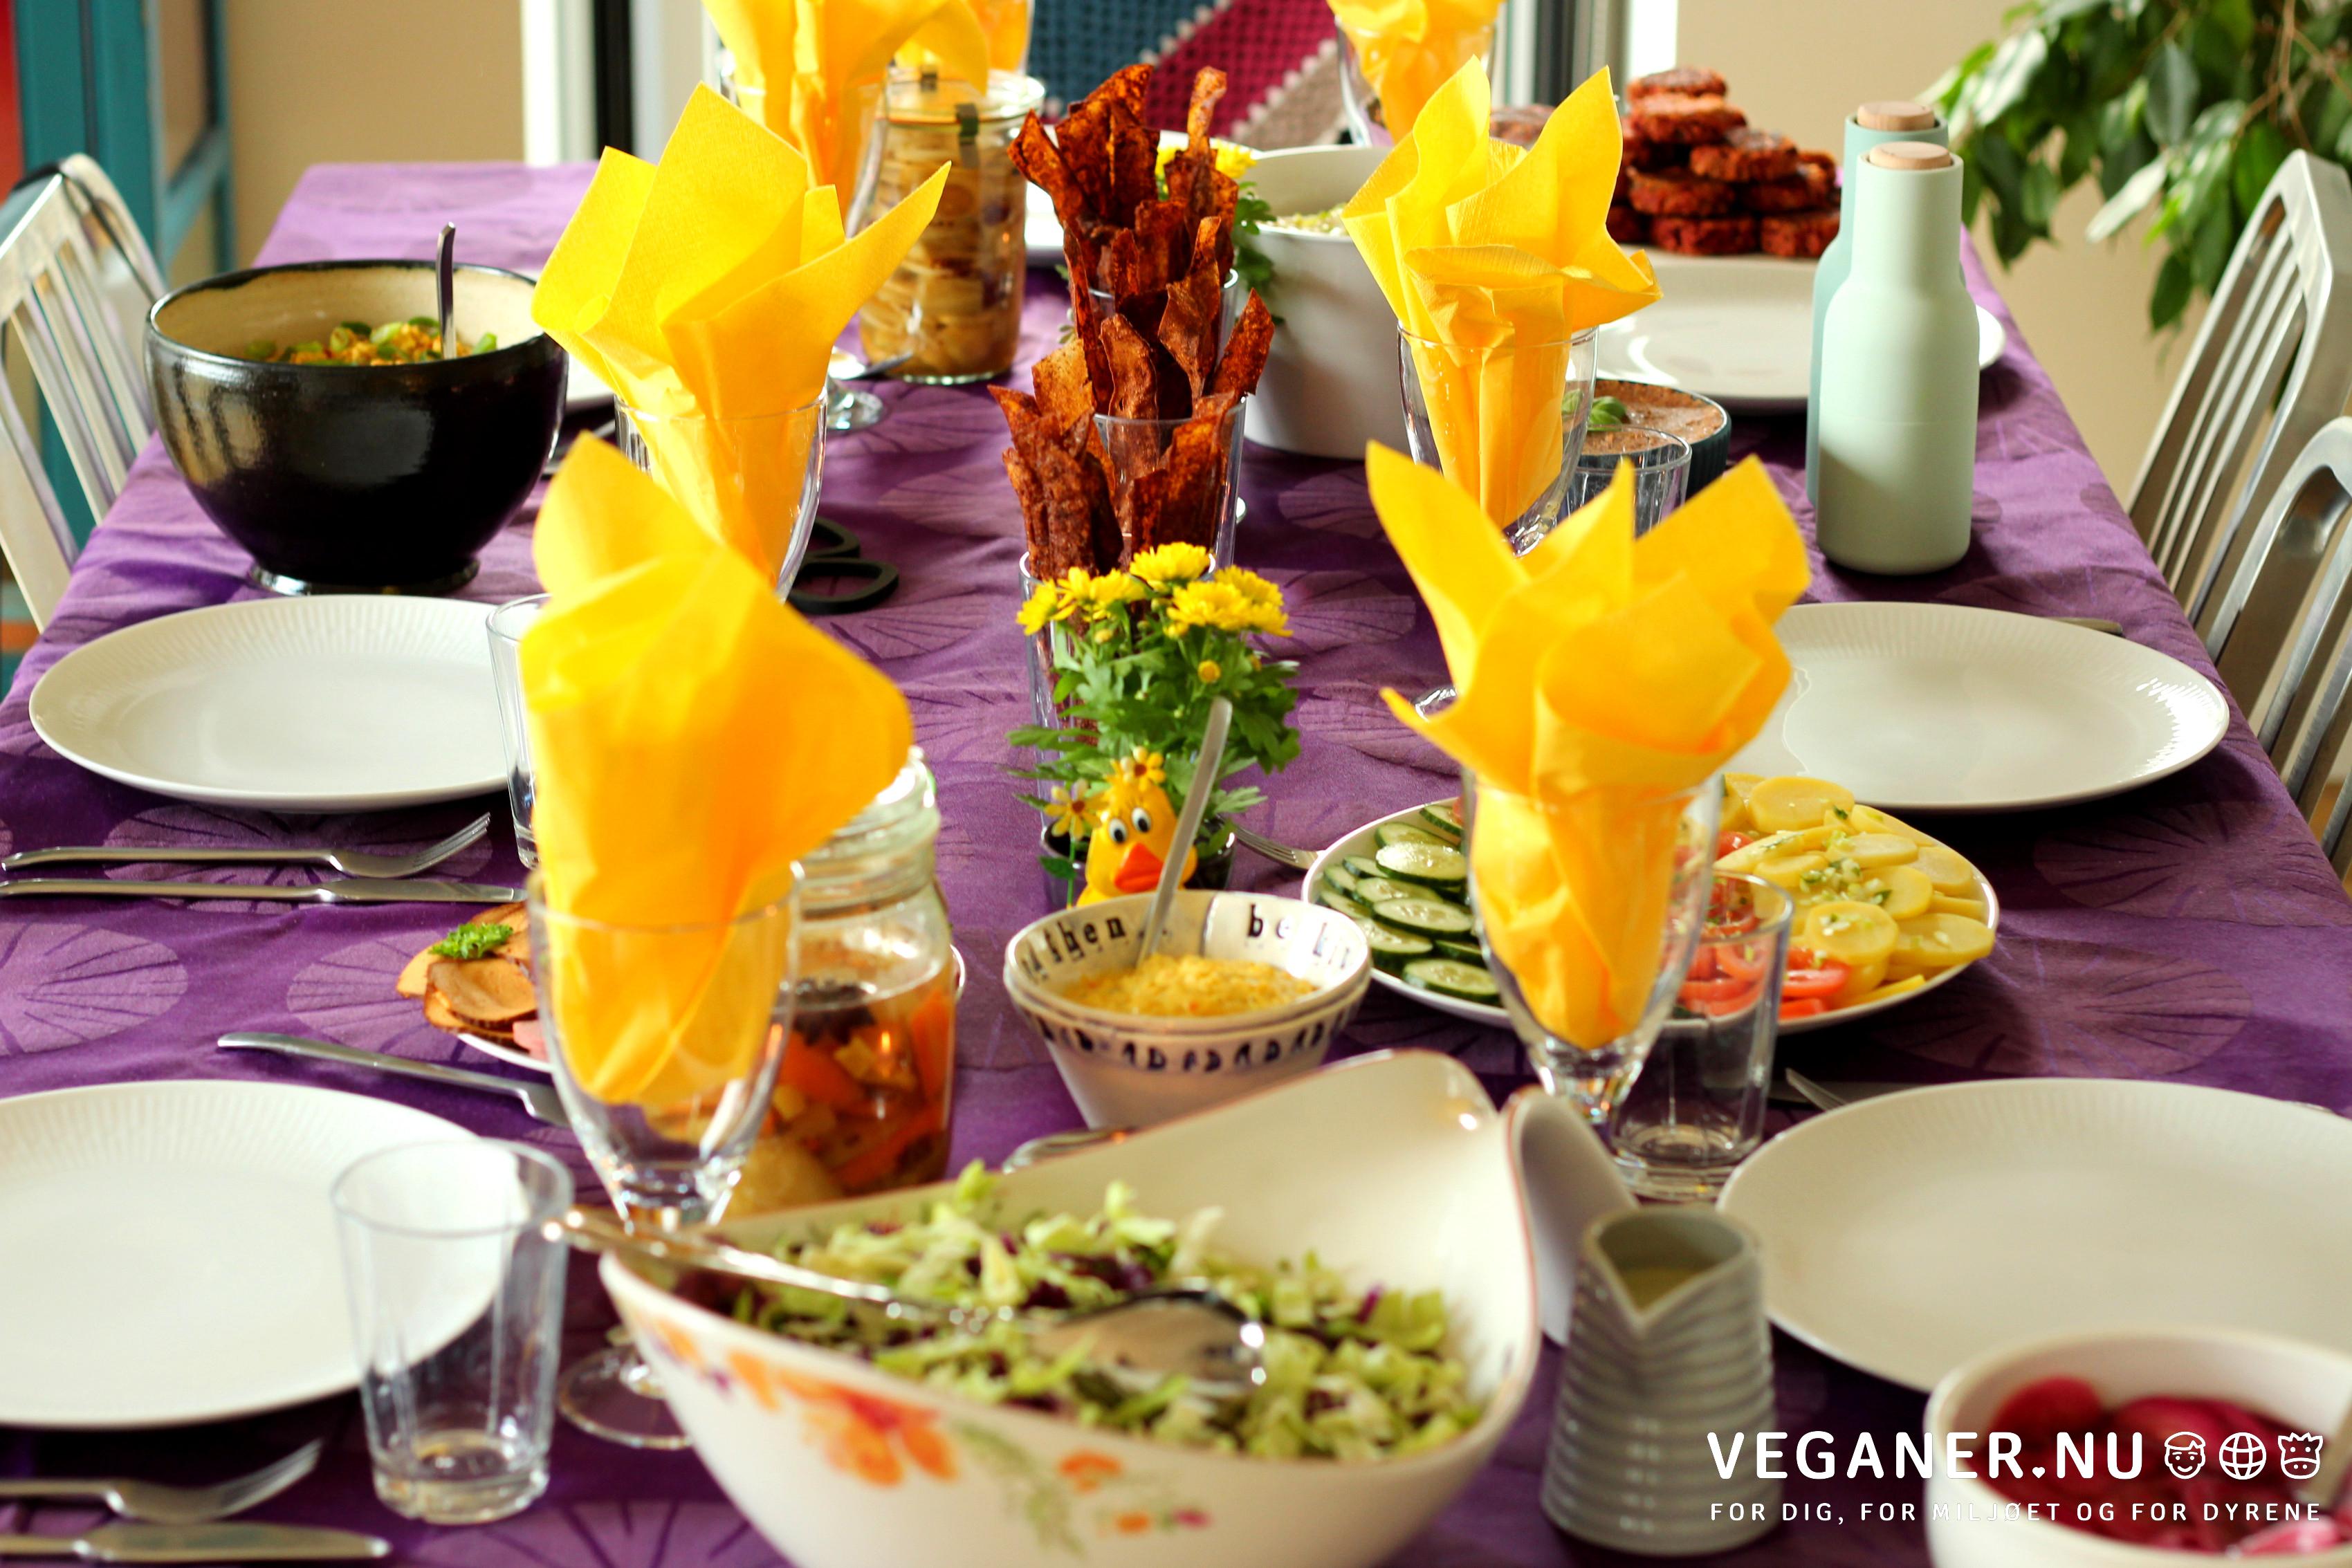 Veganer.nu-Påske-Påskebord-Easter